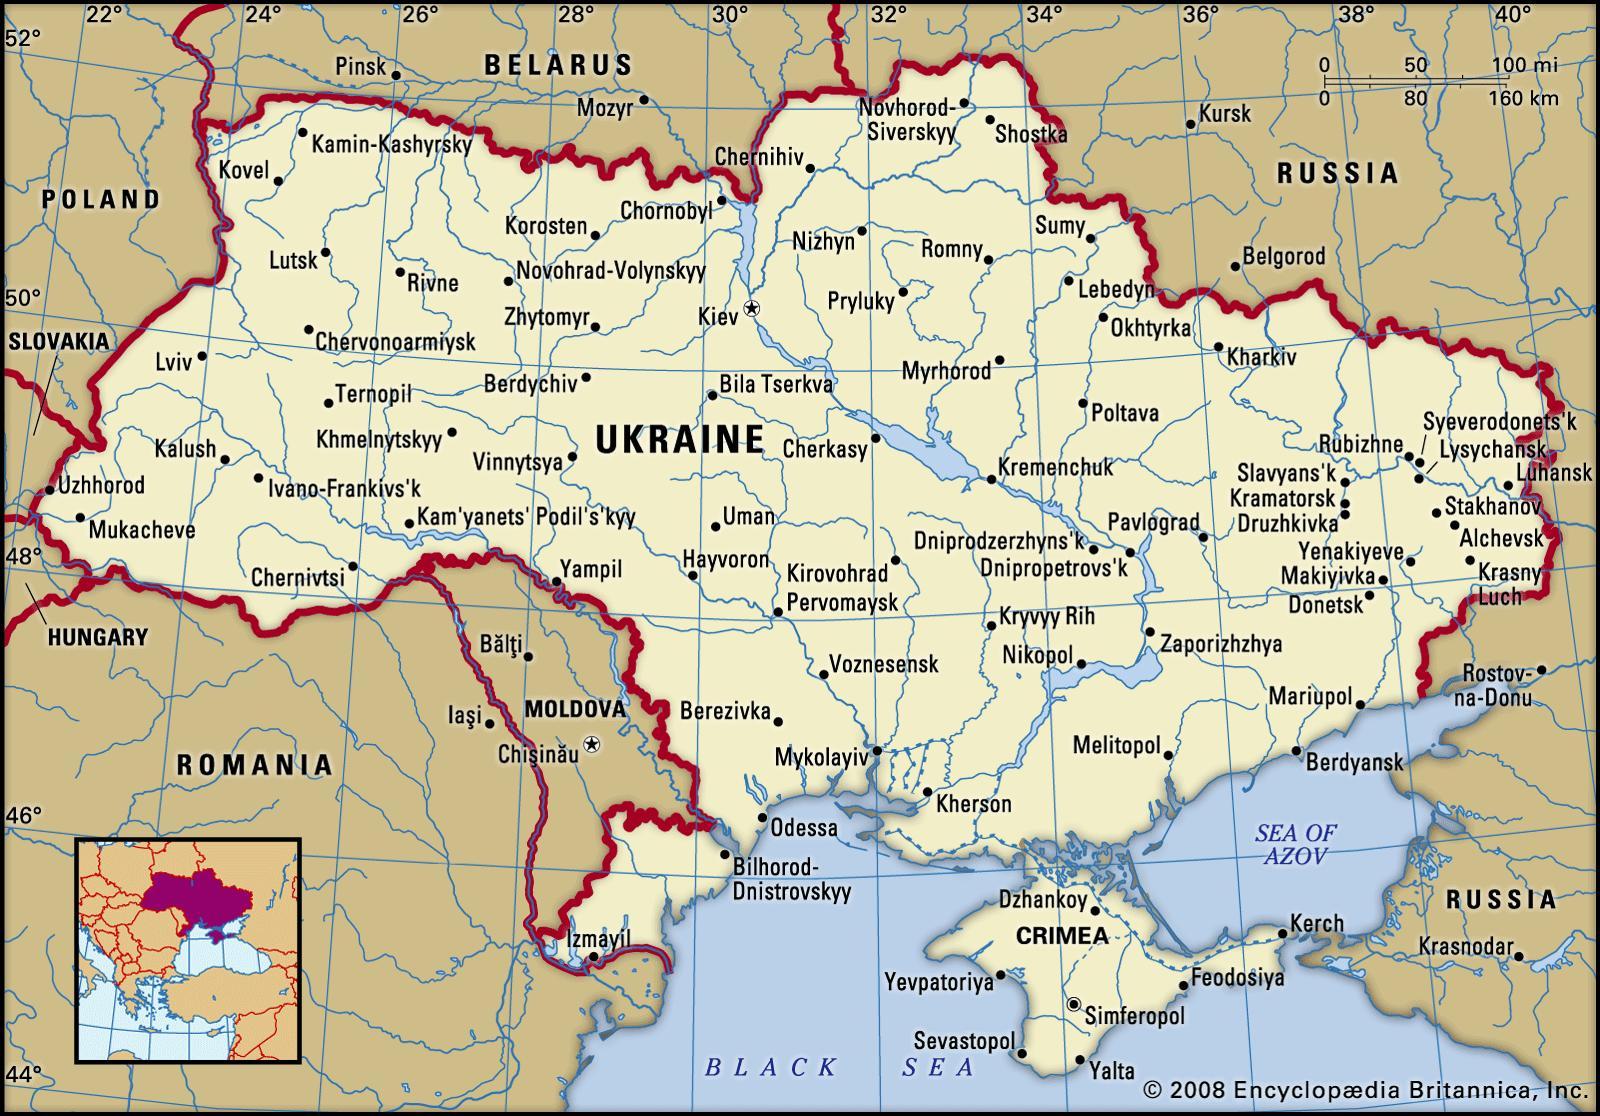 ارسال بارهوایی به اوکراین